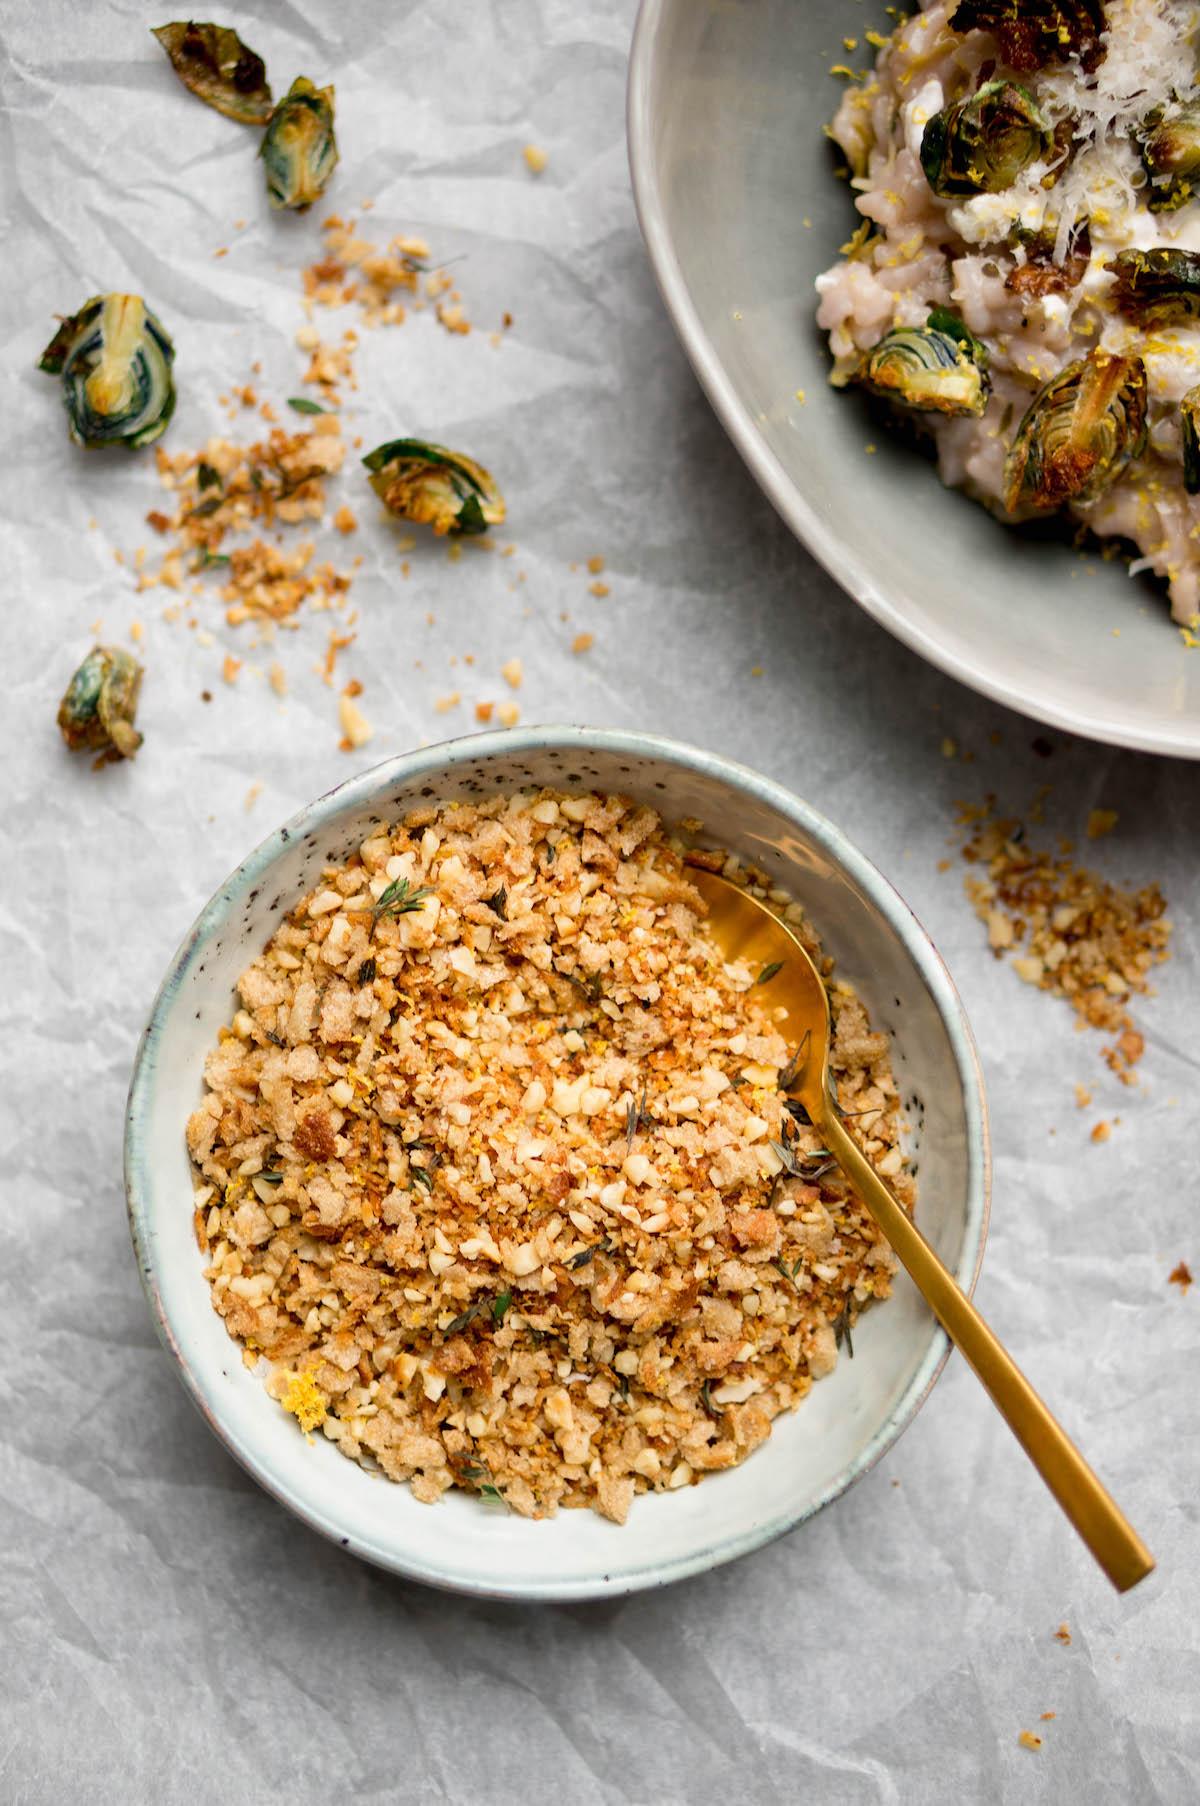 Afbeelding van risotto met spruitjes 2